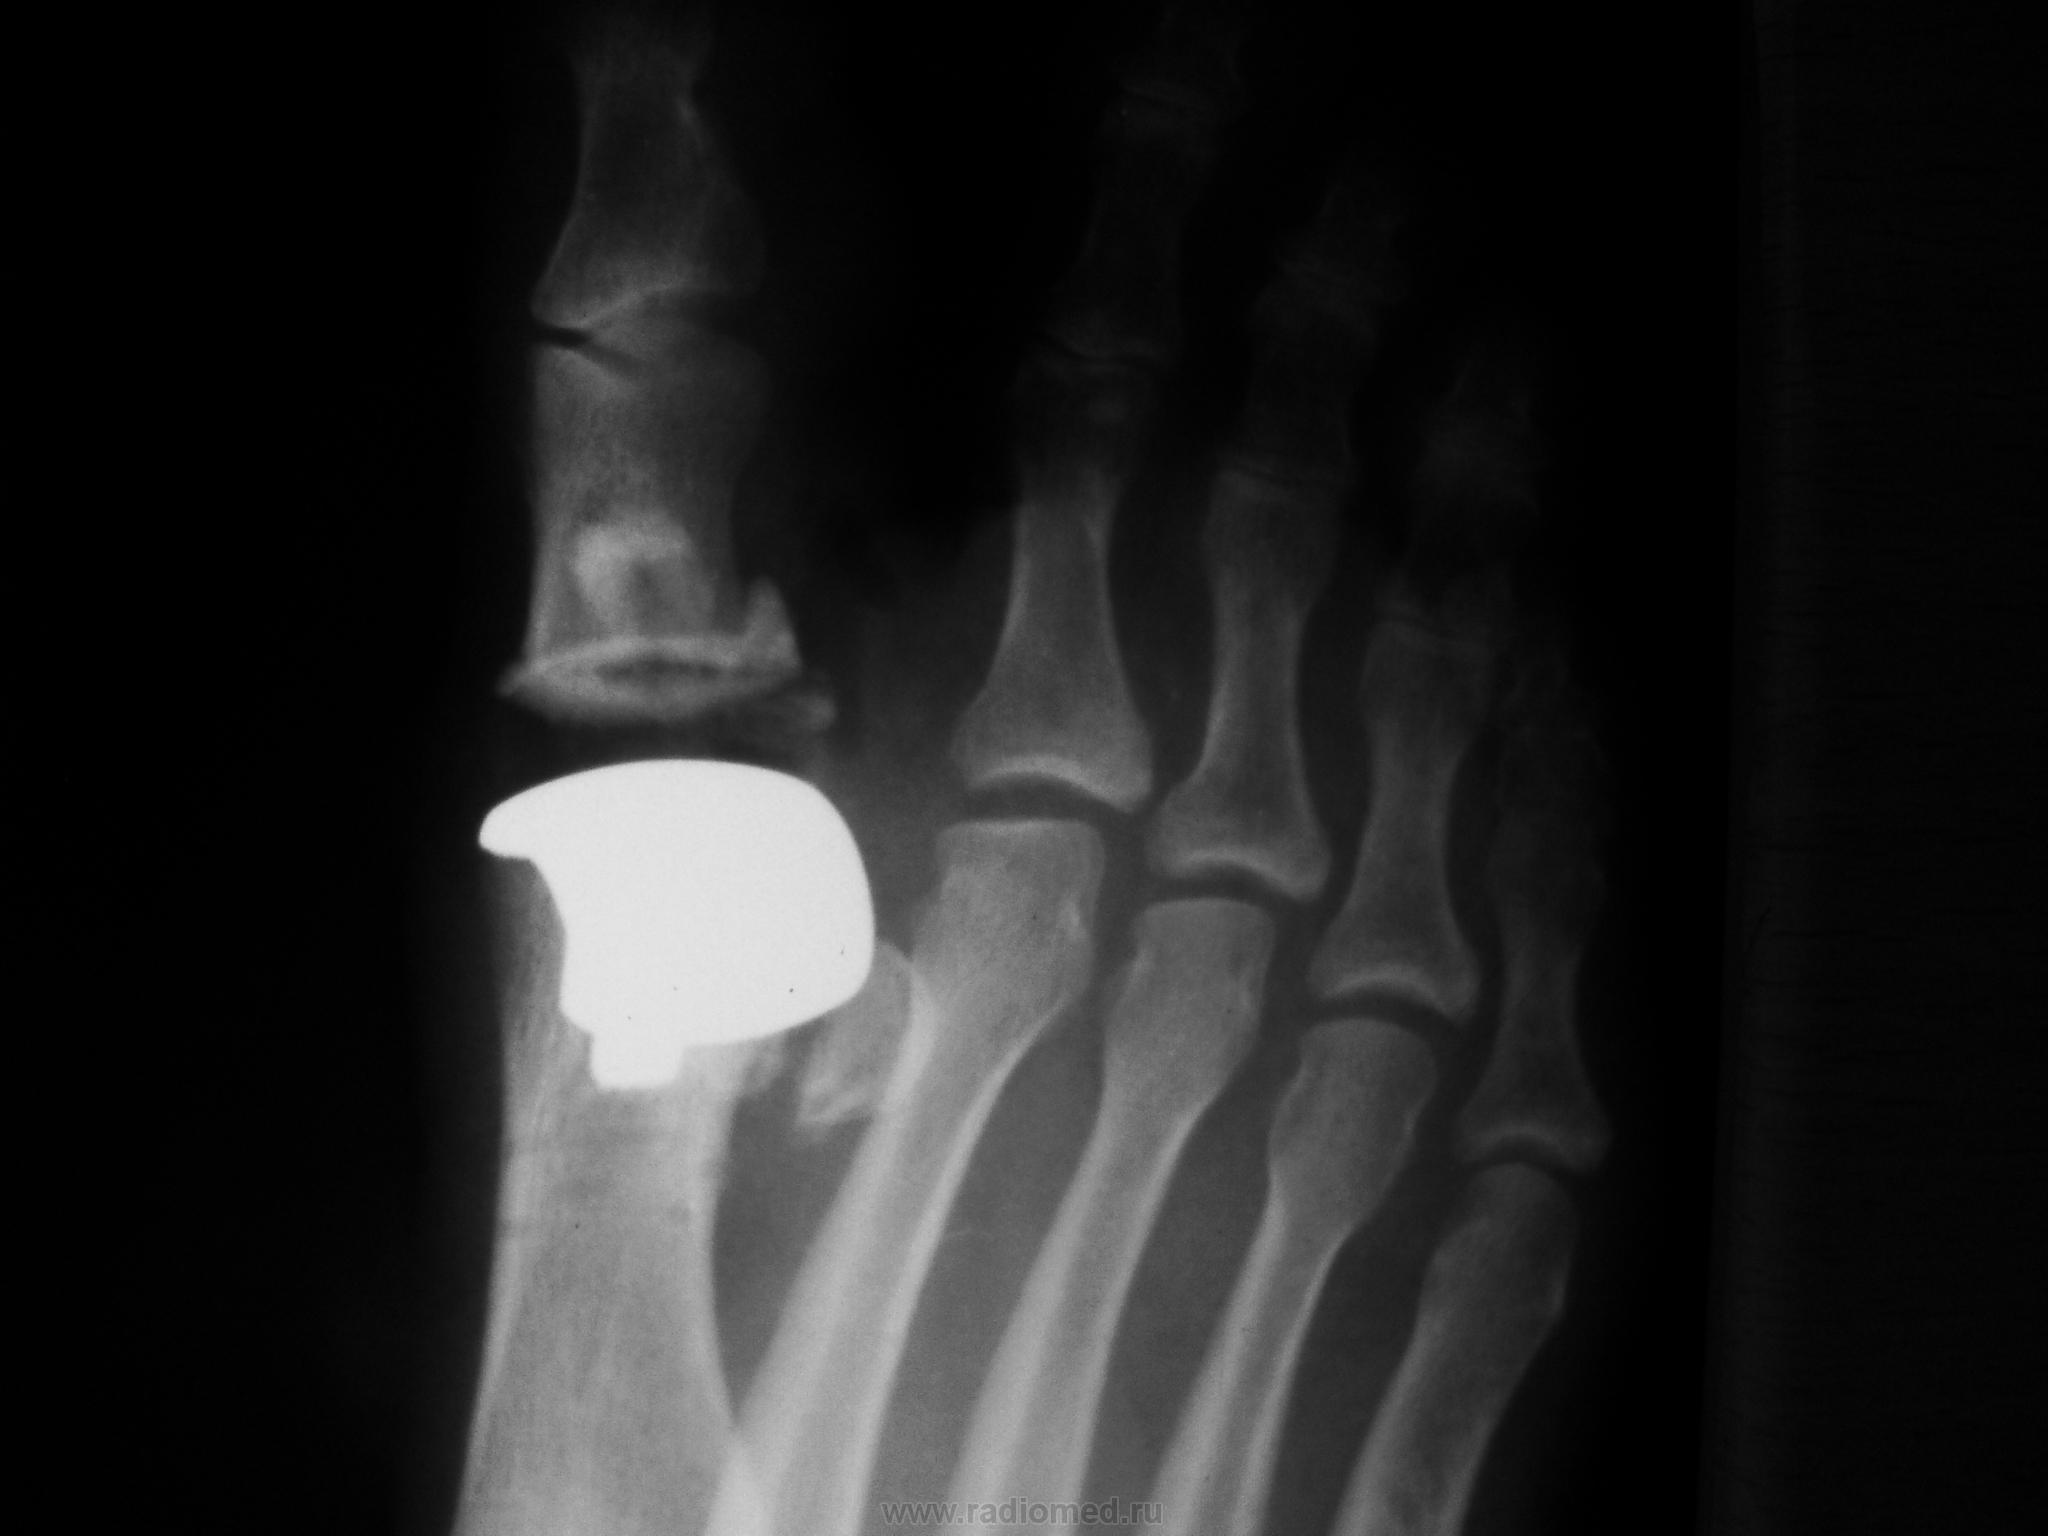 Плюстне-фалангового сустава перелом лучезапястного сустава надо ли делать операцию